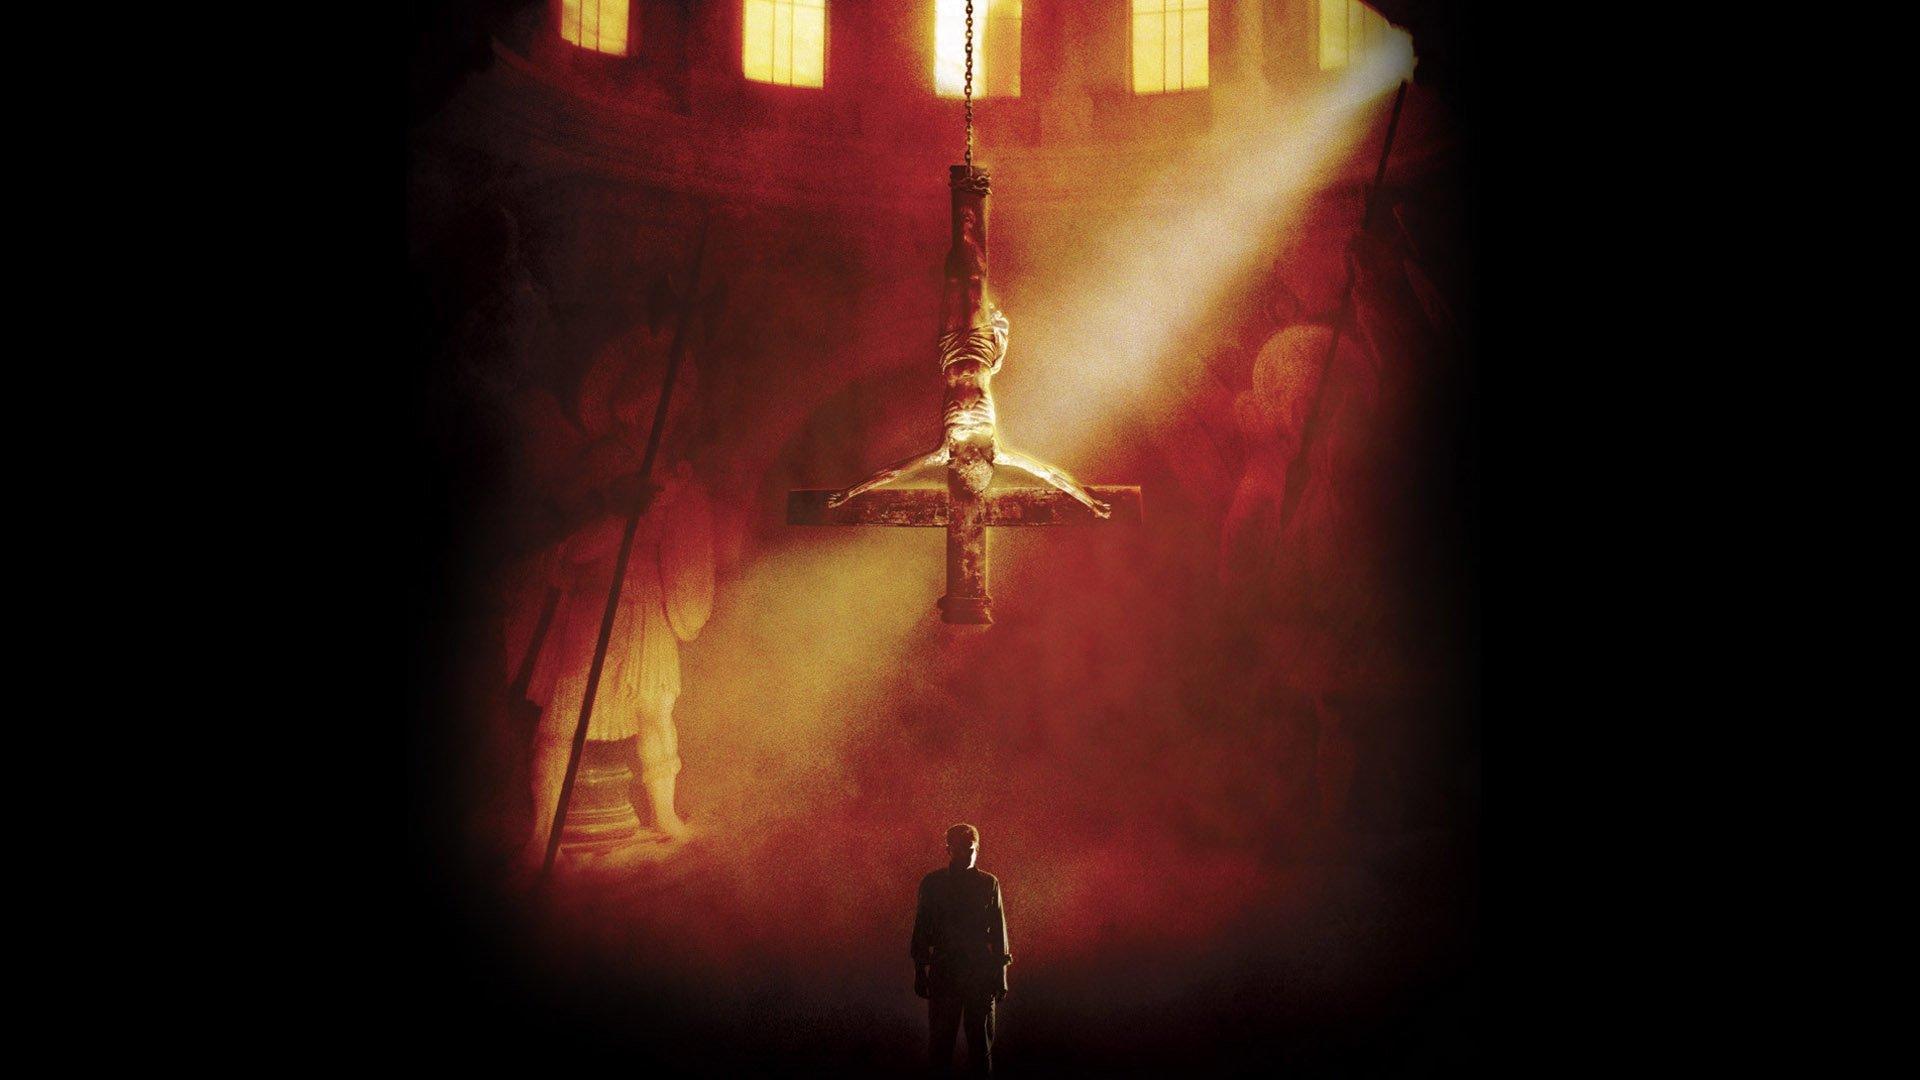 Exorcist: The Beginning - Az Ördögűző: A kezdet (2004)